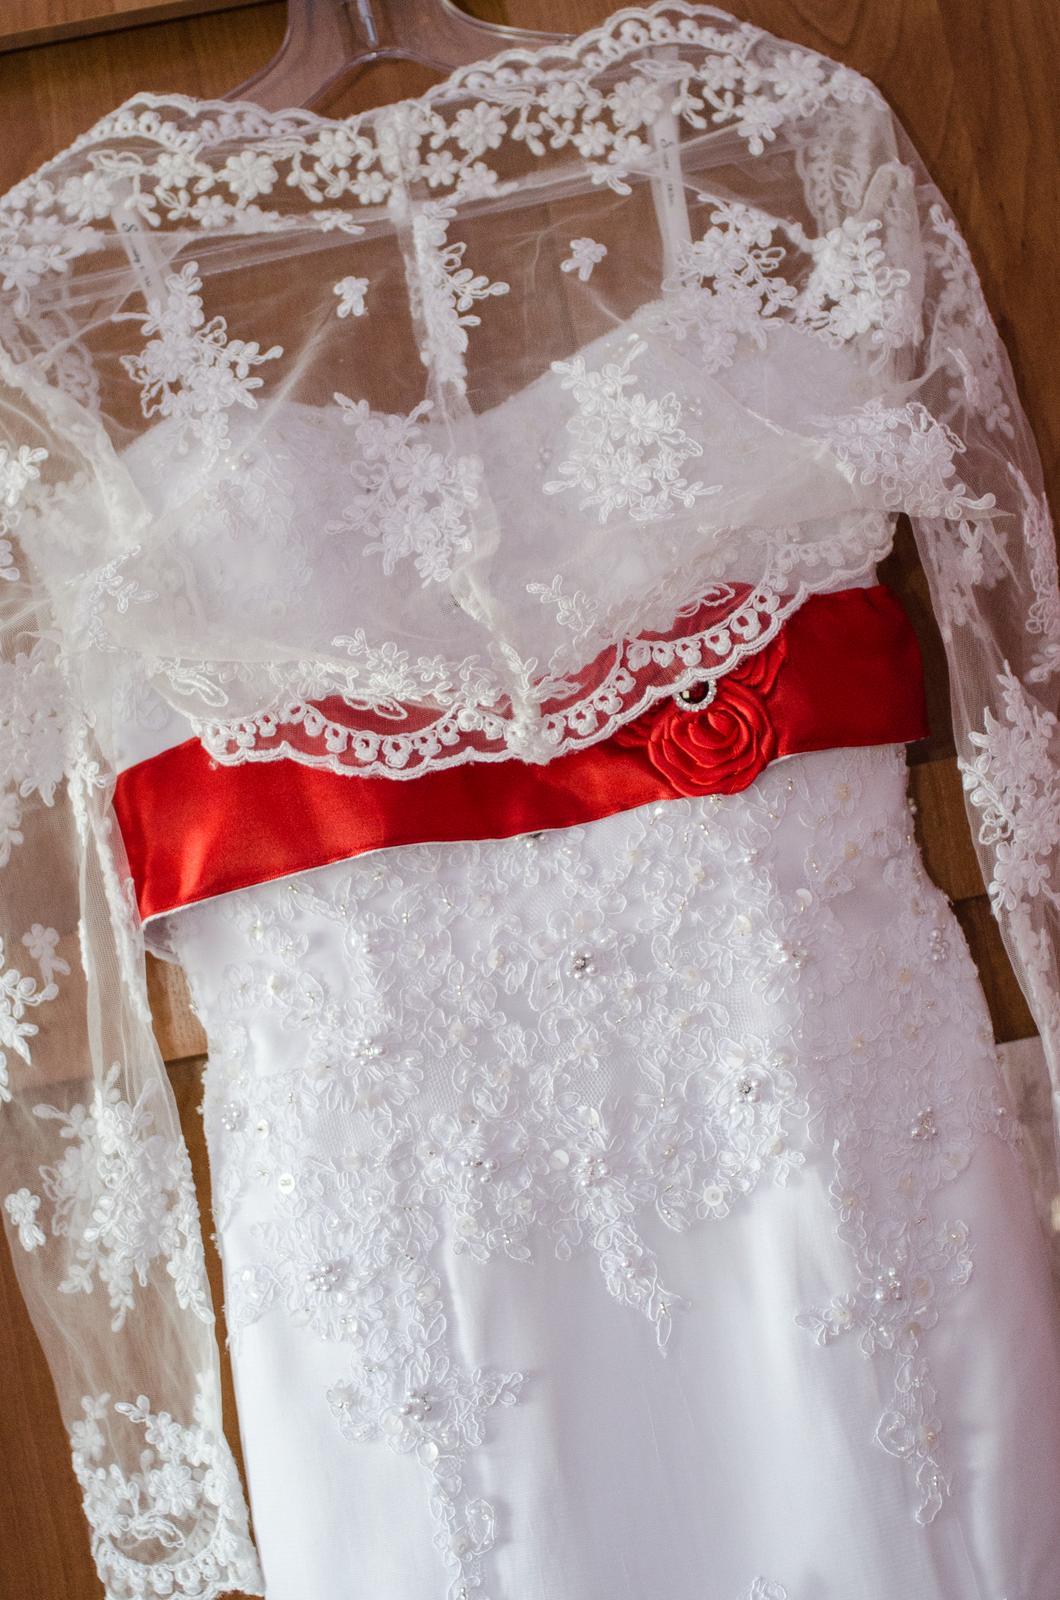 Monika{{_AND_}}Michal - Svadobné šaty zo svadobného salónu Valery v Banskej Bystrici. Červený opasok mi našili priamo v salóne a vyrobila mi ho jedna milá baba zo sashe